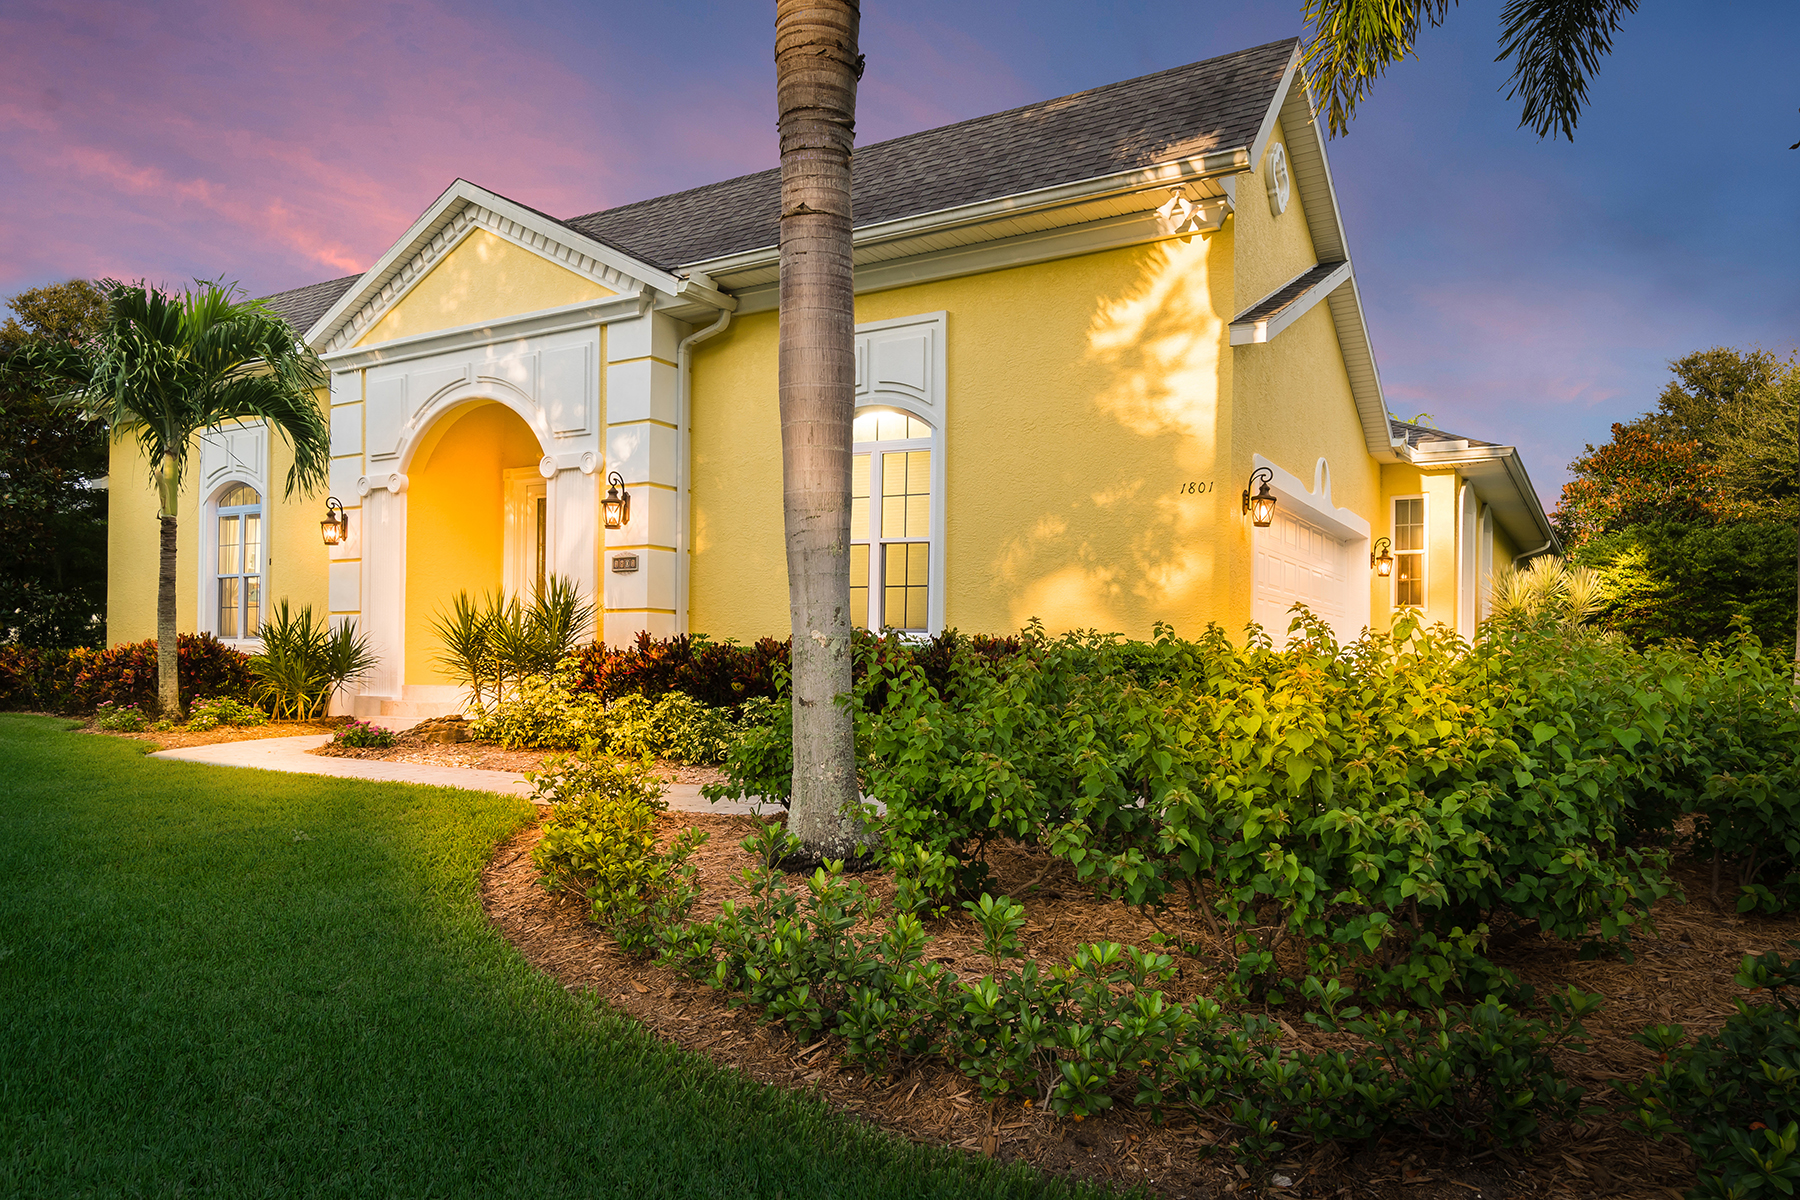 獨棟家庭住宅 為 出售 在 THE LOOP OF NORTHWEST BRADENTON 1801 97th St NW Bradenton, 佛羅里達州, 34209 美國